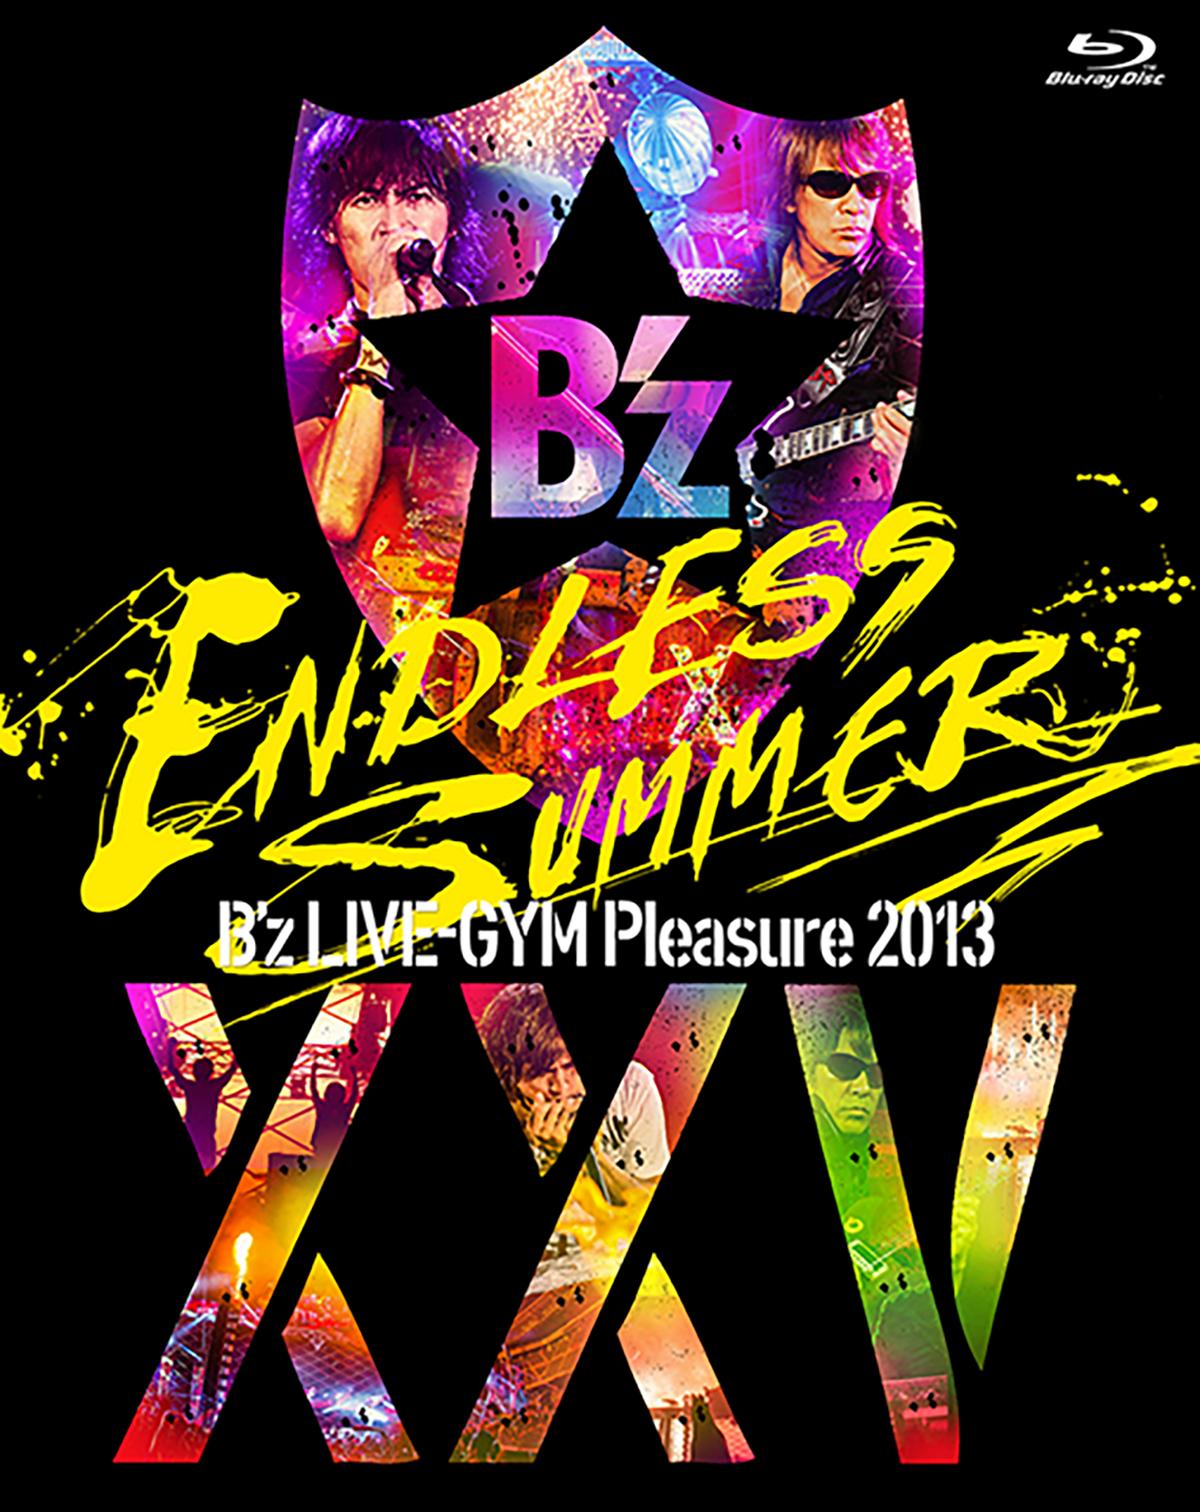 DVD&Blu-ray『B'z LIVE-GYM Pleasure 2013 -ENDLESS SUMMER-』のジャケット画像